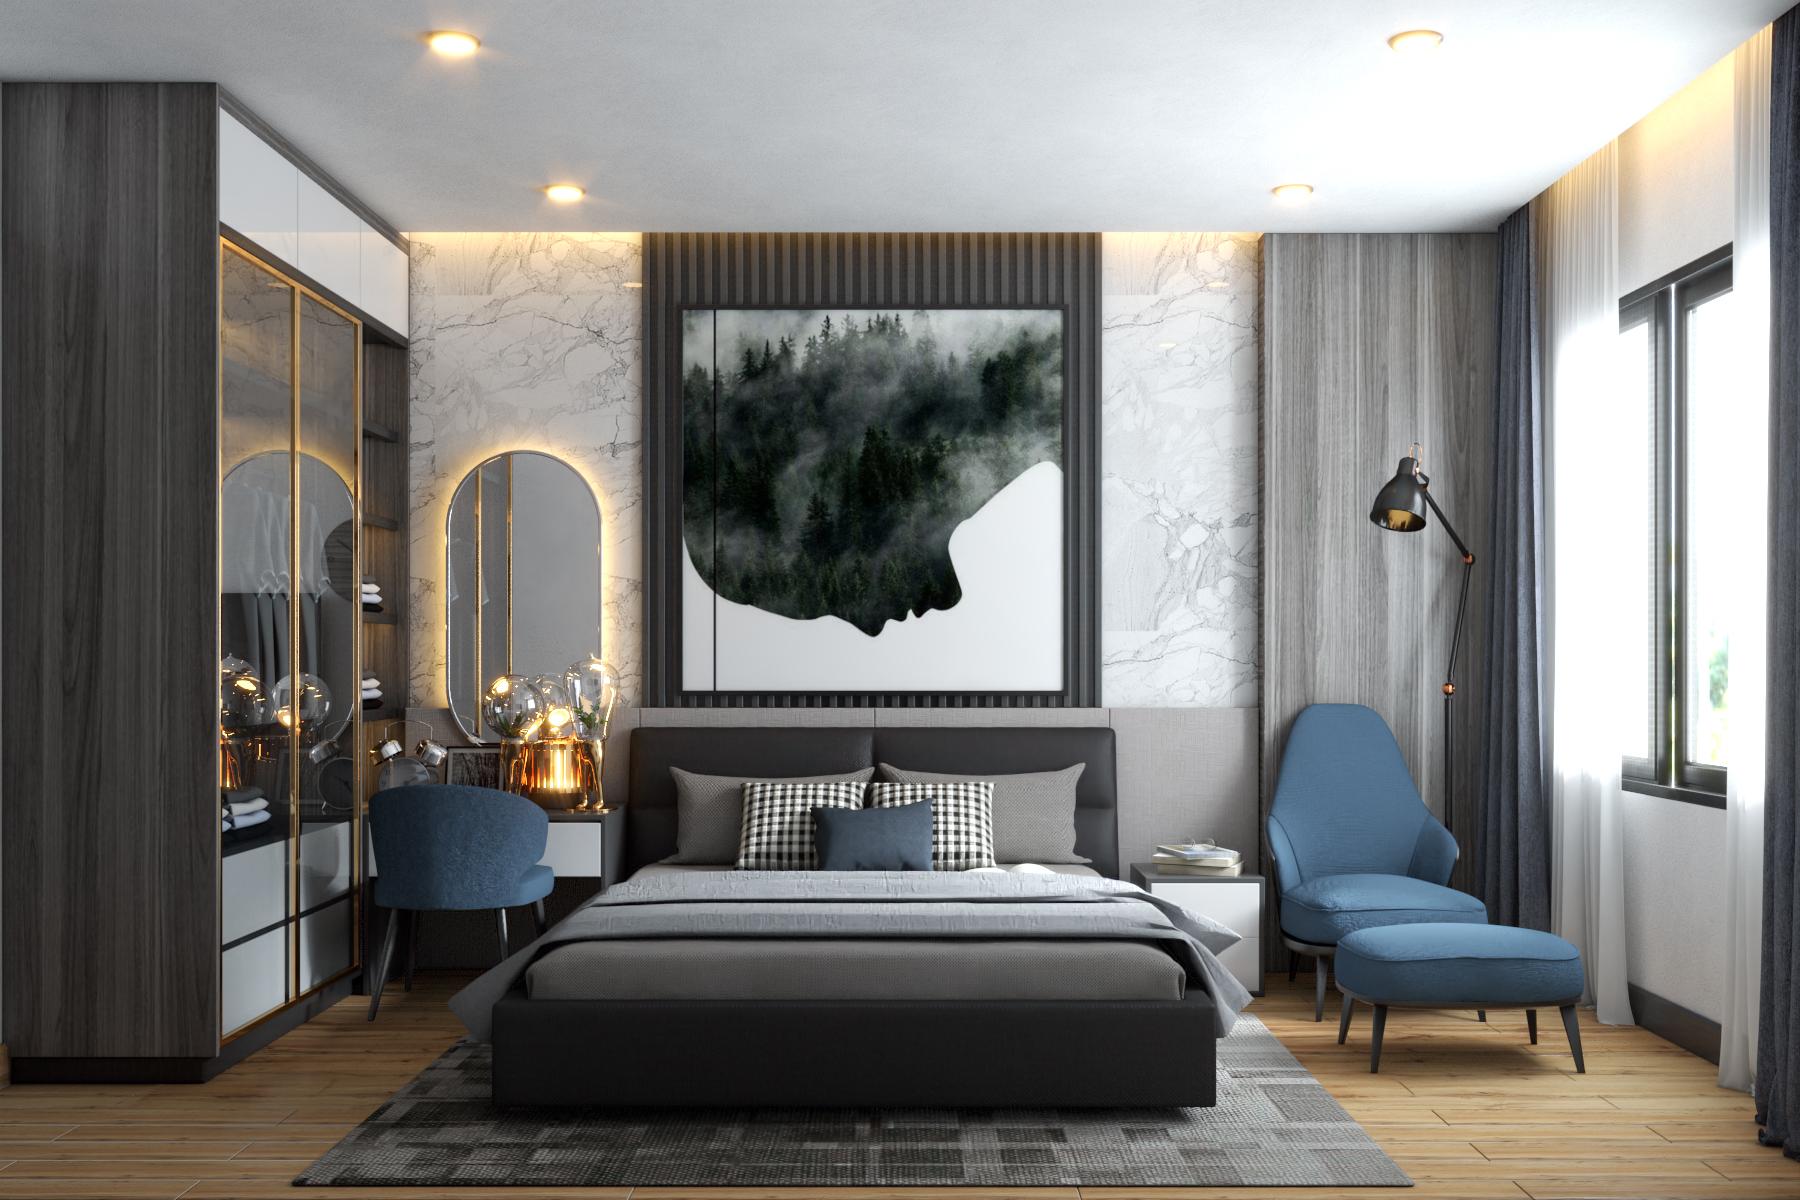 Thiết kế nội thất Nhà Mặt Phố tại Hà Nội cải tạo nội thất nhà phố 1584583714 0